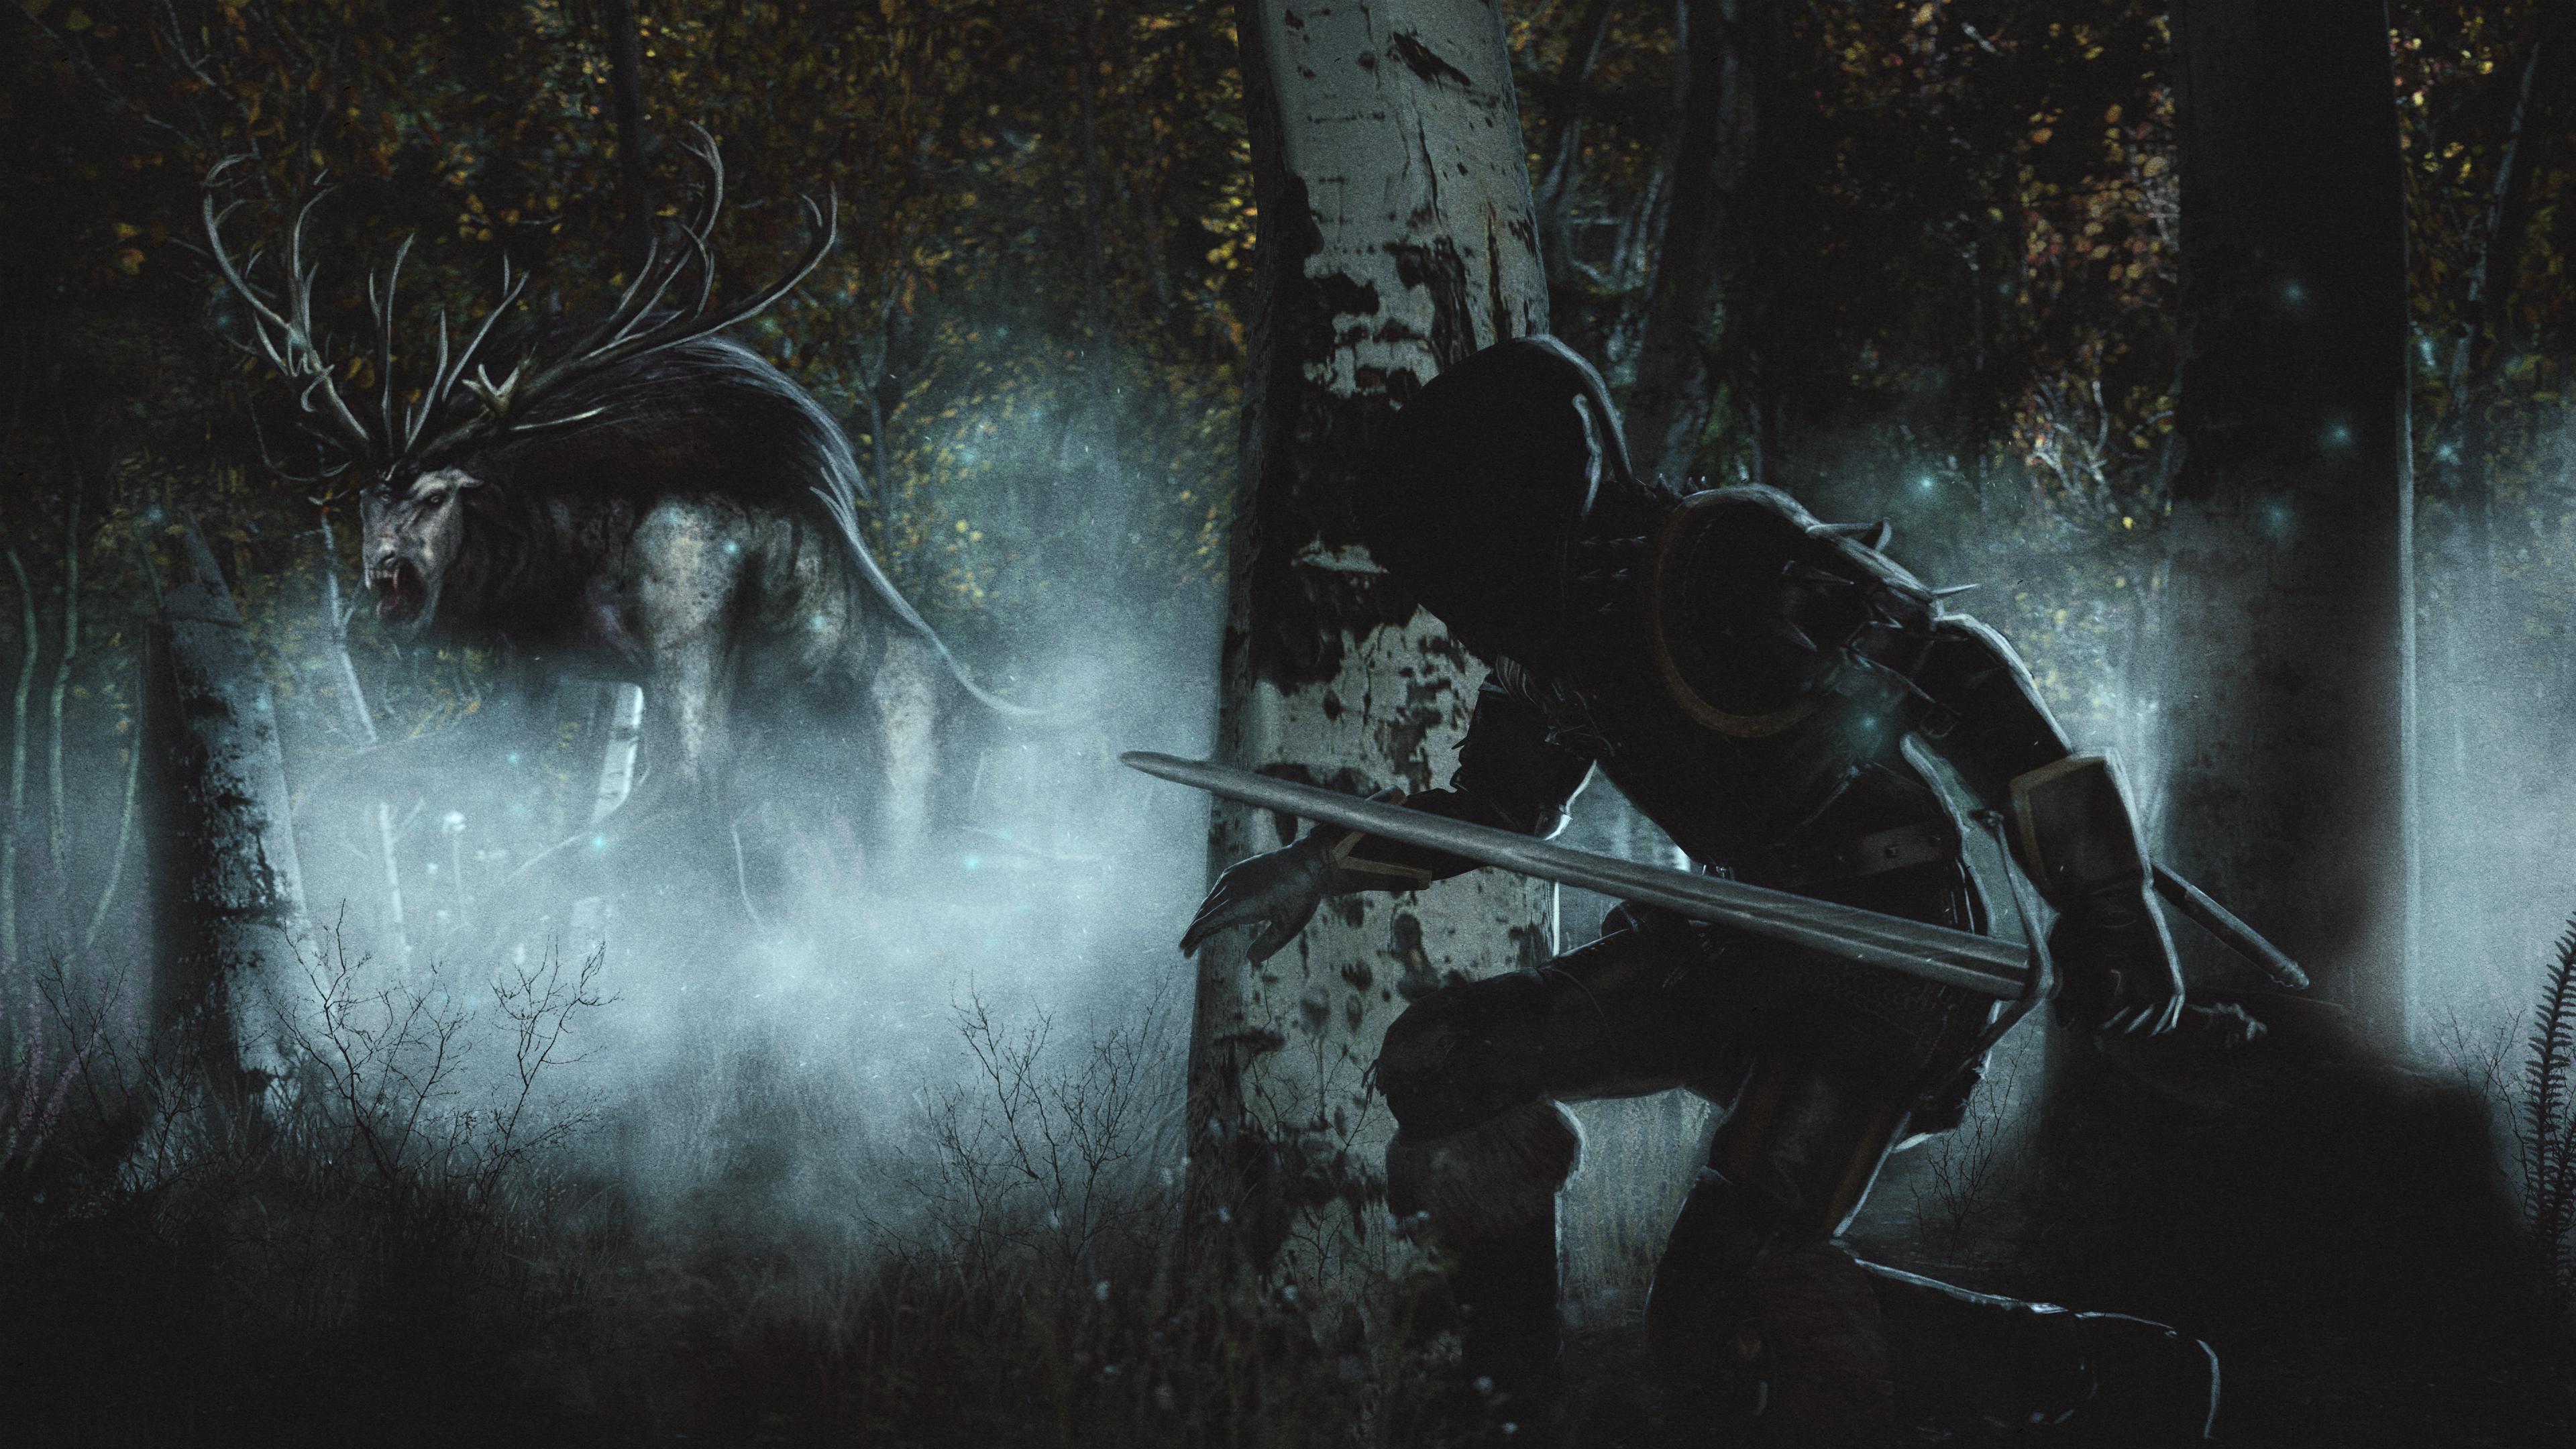 Wallpaper The Witcher 3 Wild Hunt Swords Geralt Of Rivia 3840x2160